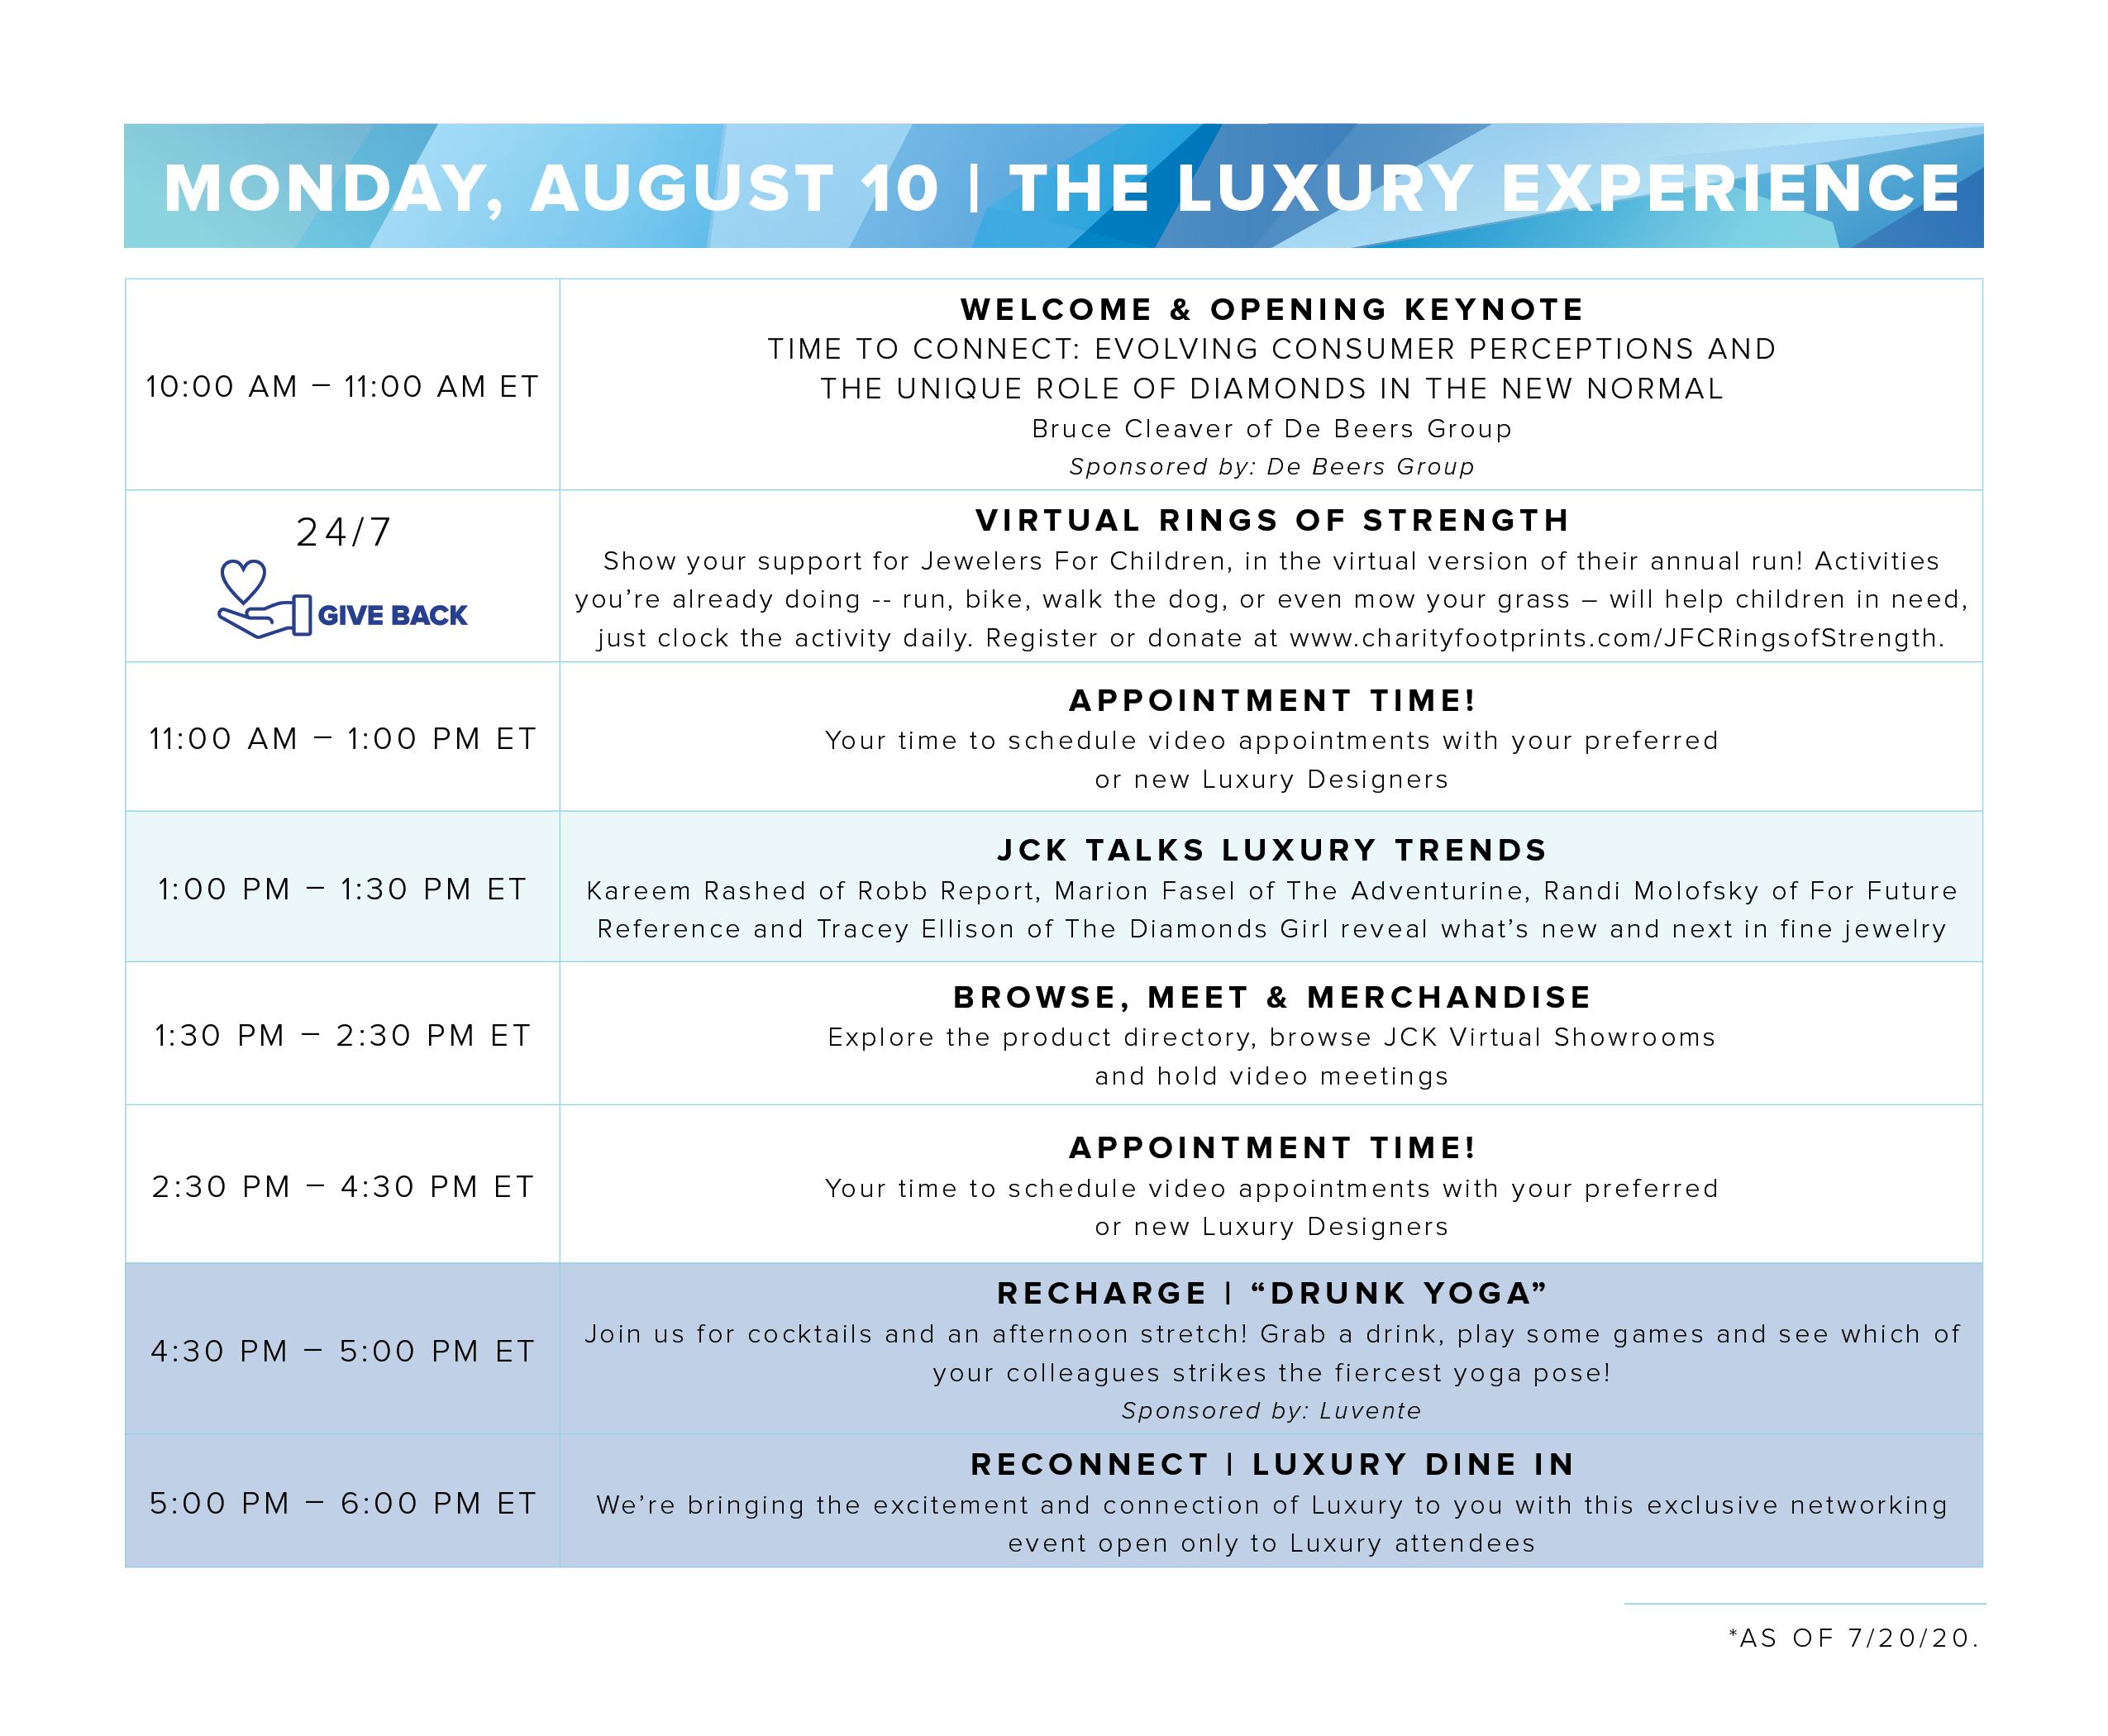 Luxury Experience Program